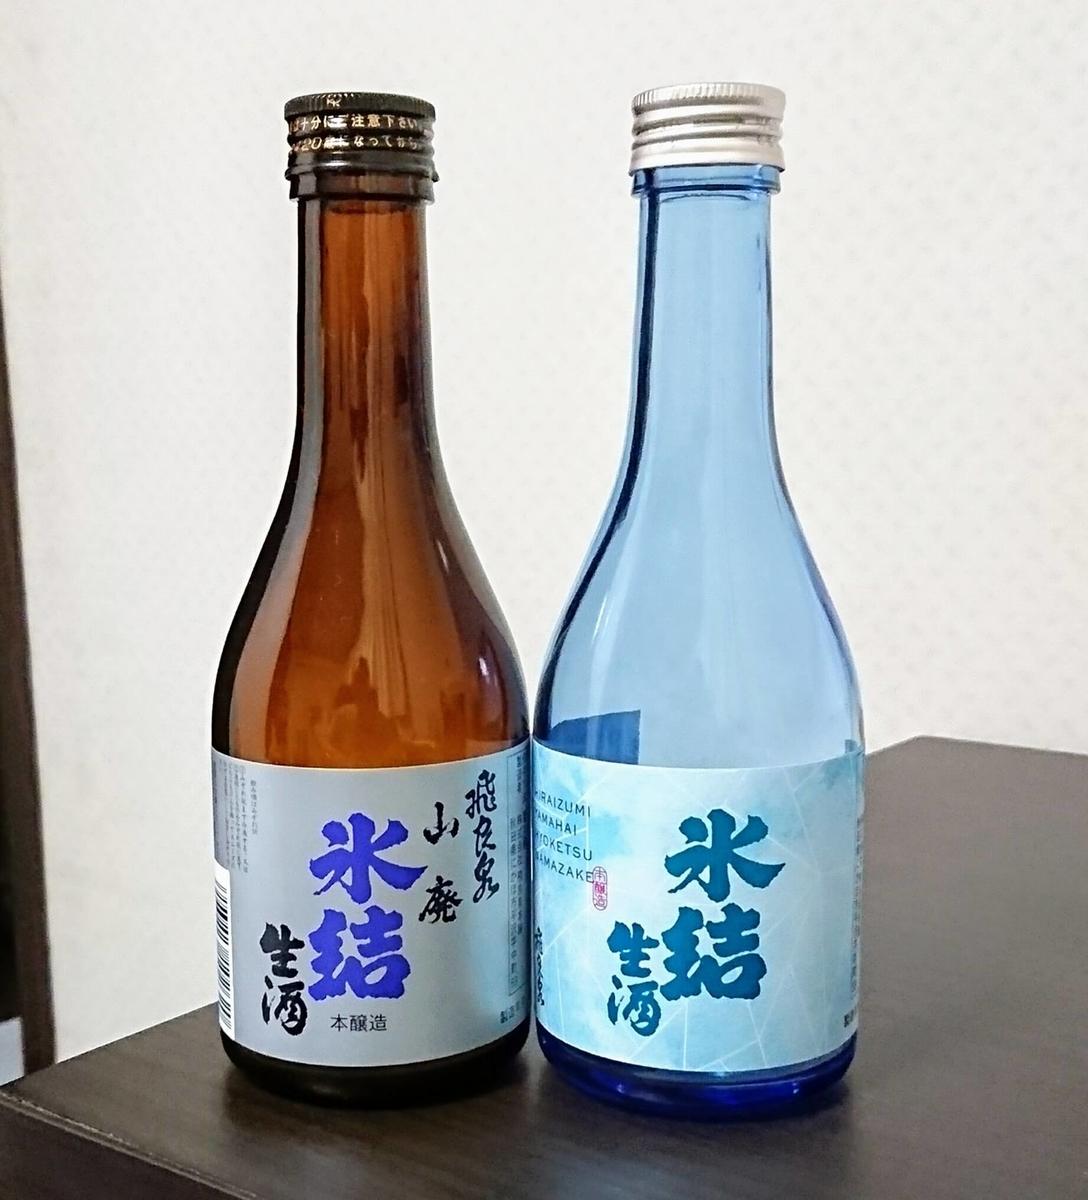 飛良泉 山廃 氷結生酒の感想・評価